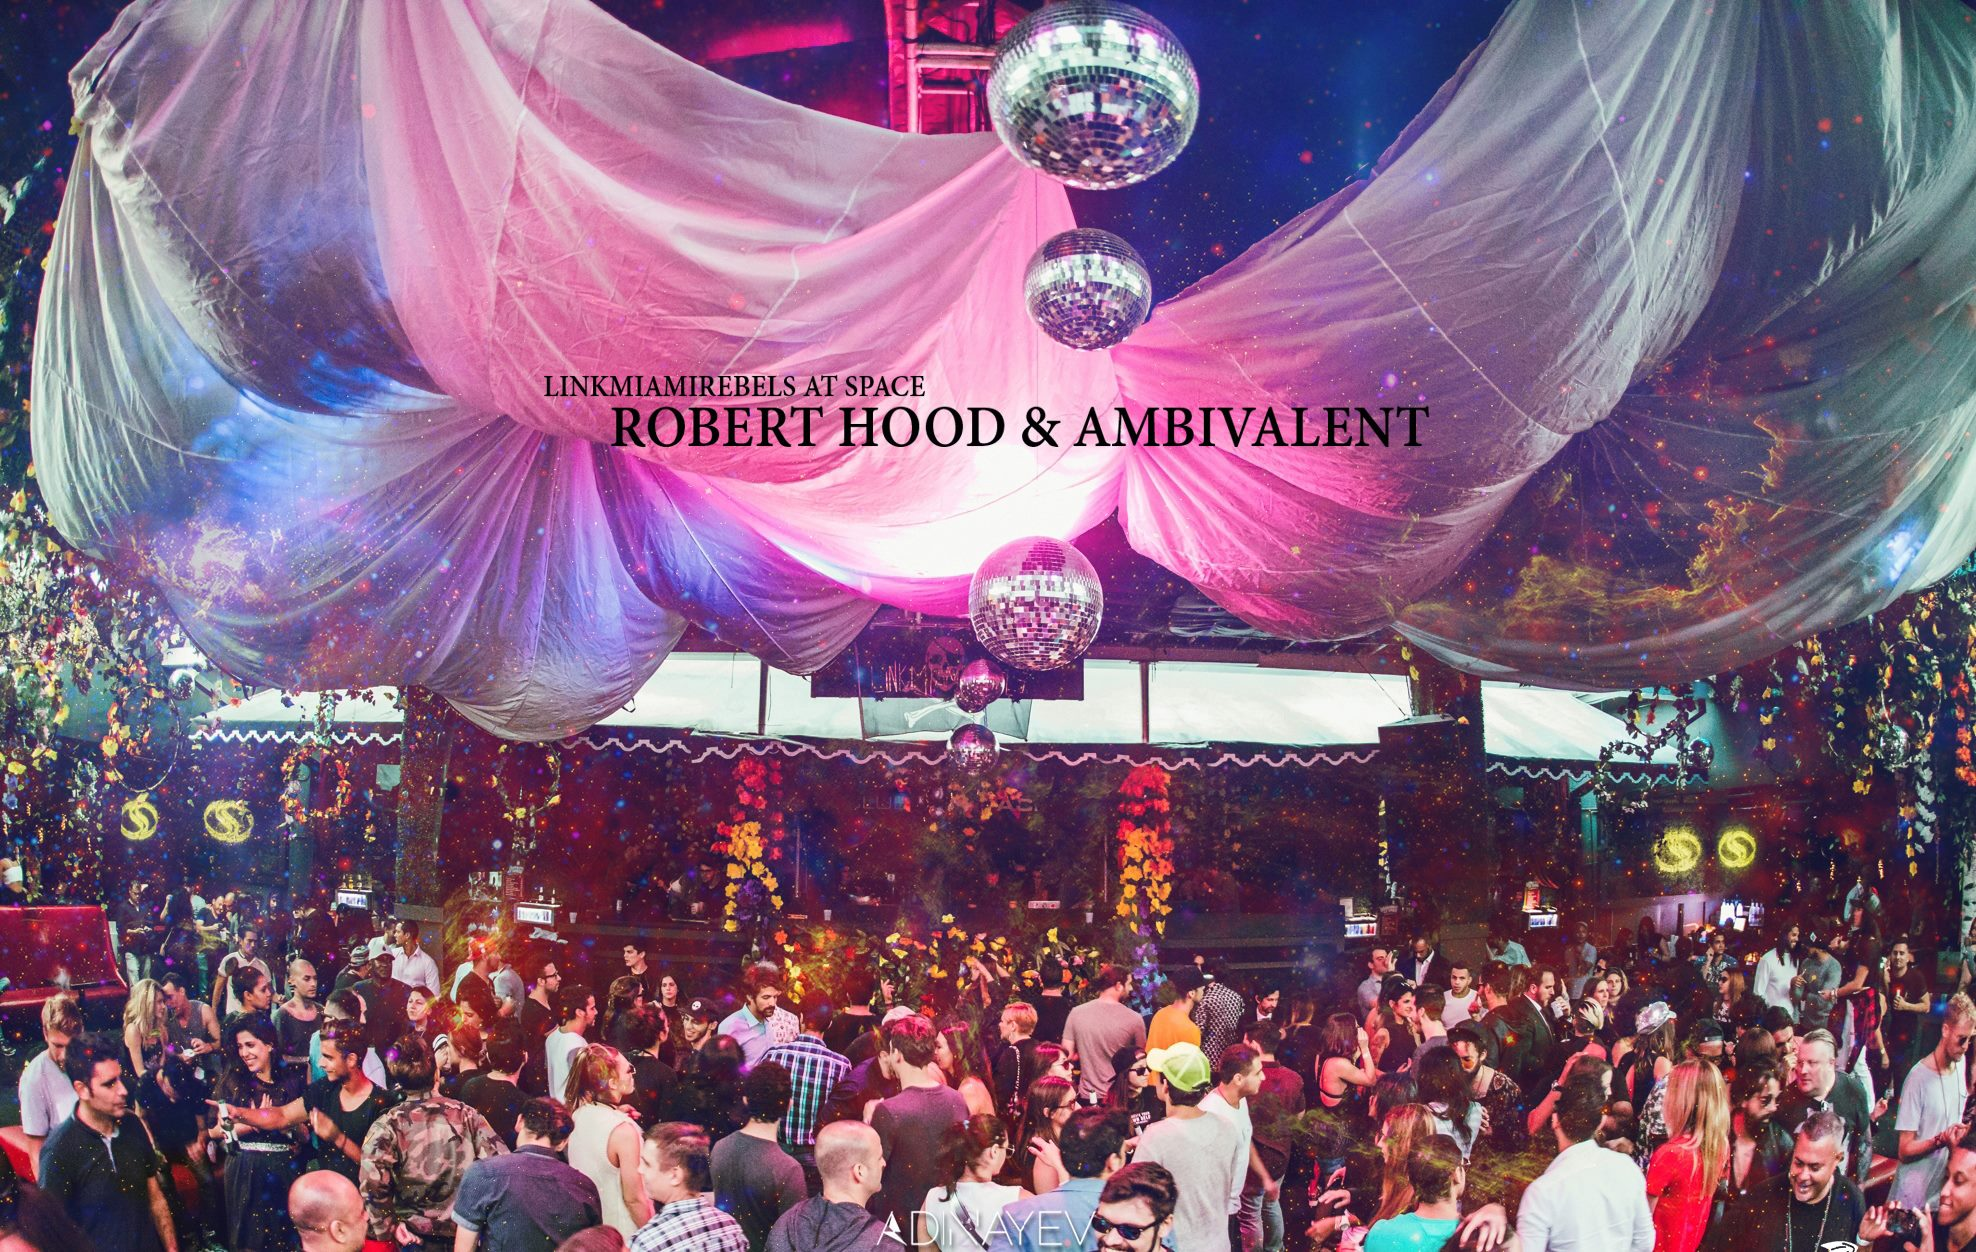 Robert Hood & Ambivalent / April 22